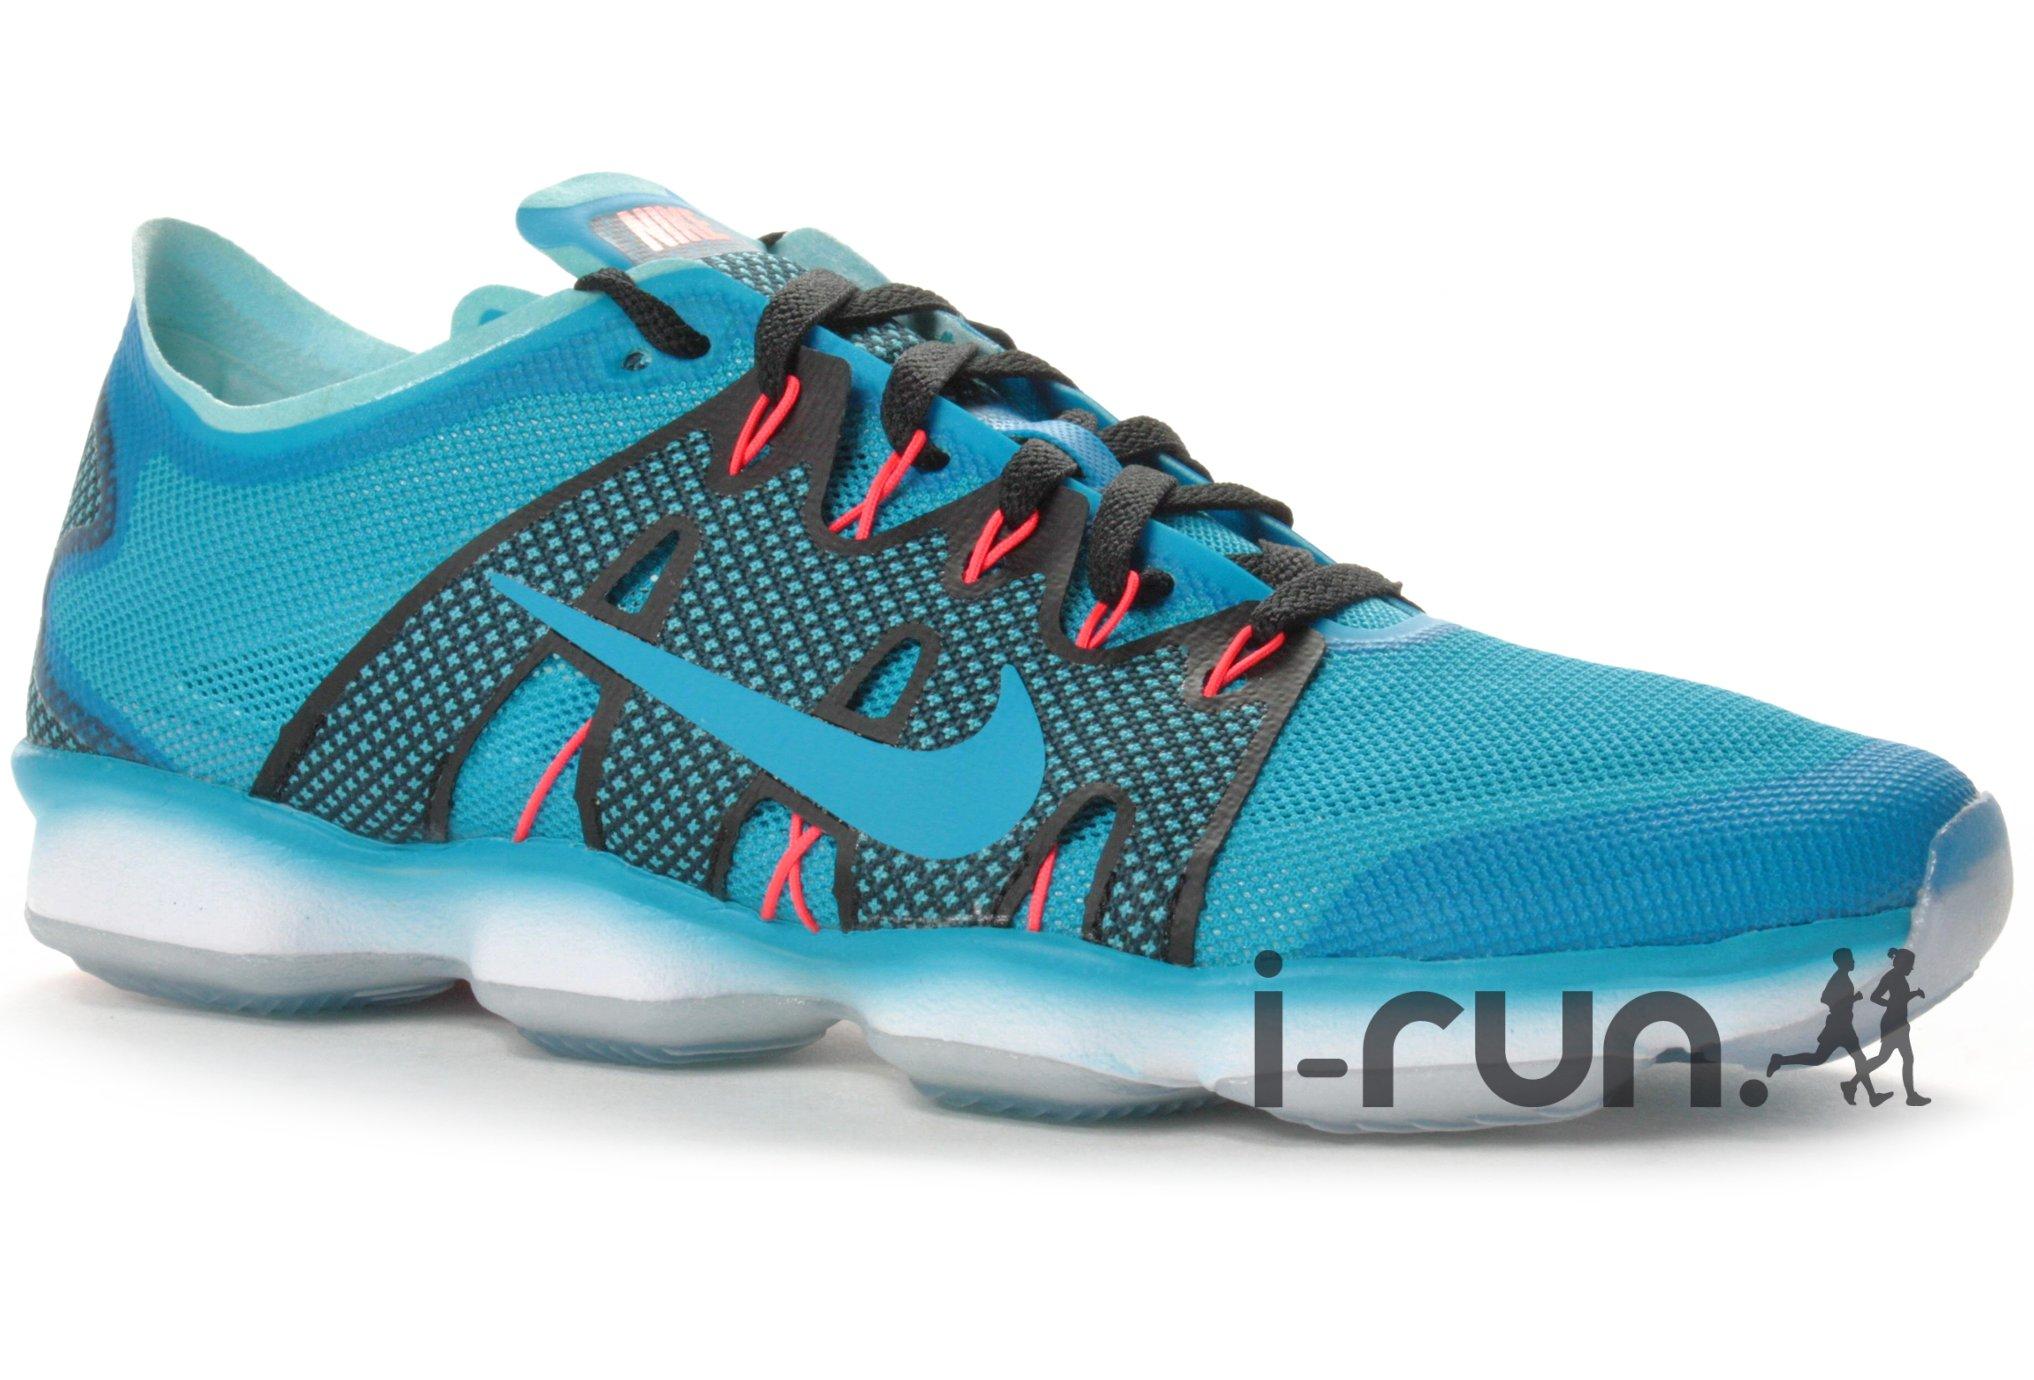 Nike zoom fit agility 2 w pas cher destockage nike running zoom fit agility - Avis destockage fitness ...